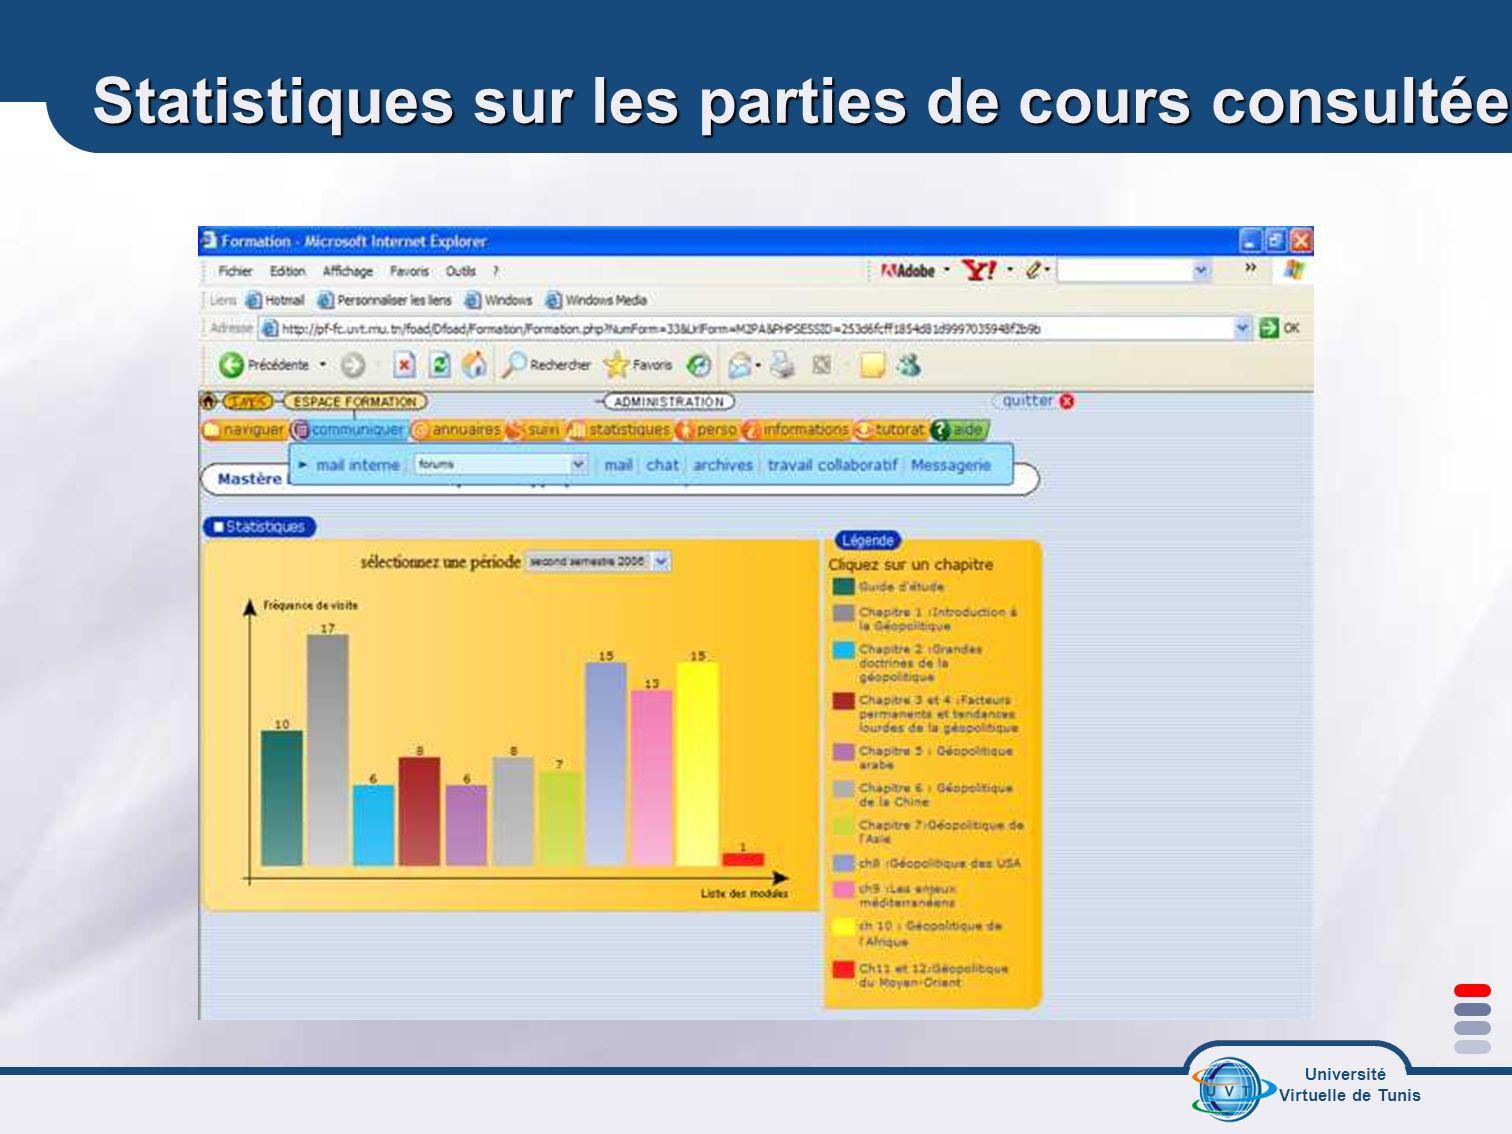 Statistiques sur les parties de cours consultées